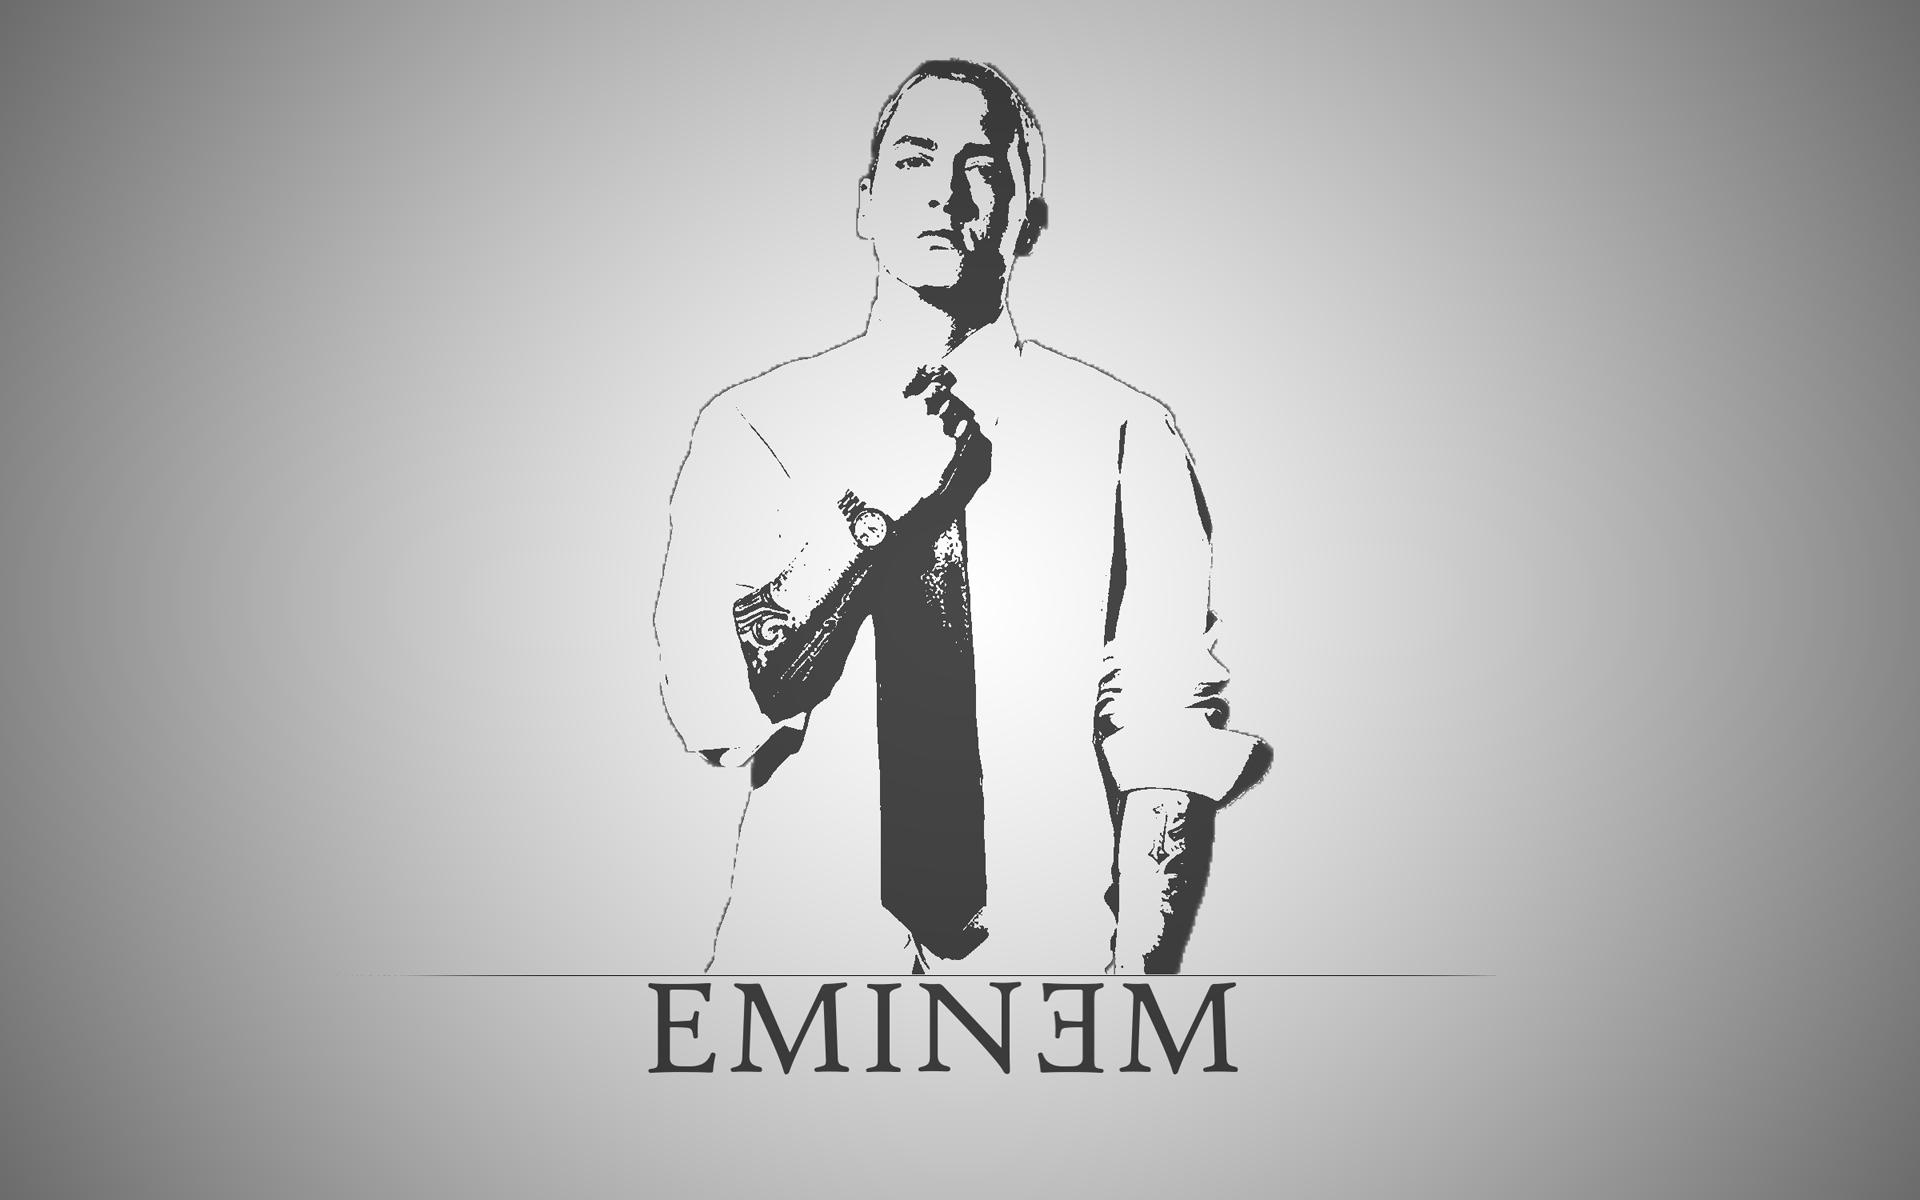 Eminem Wallpaper Backgrounds